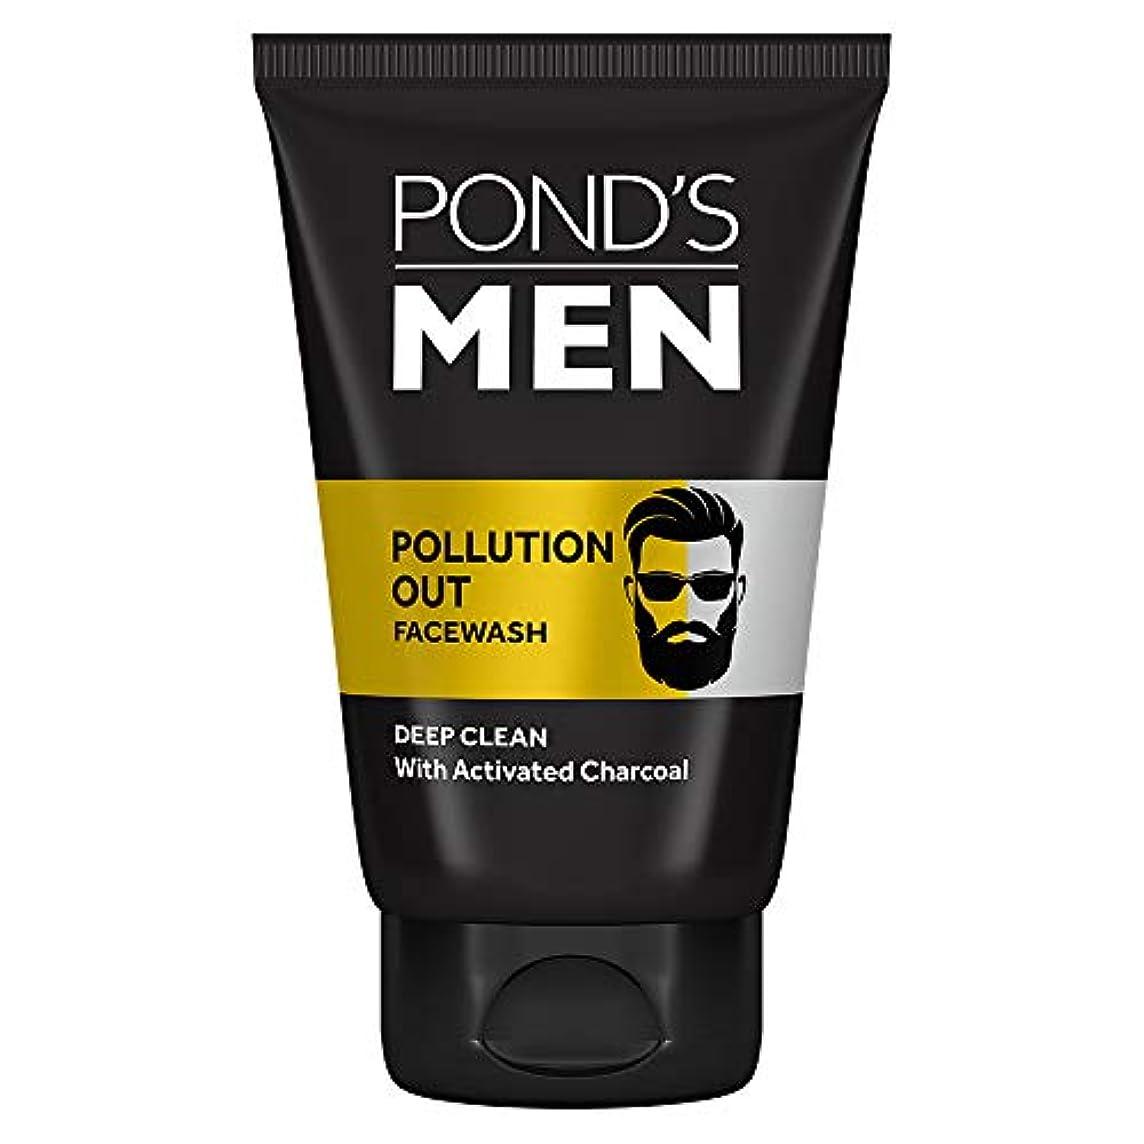 衝突する運動する肯定的Pond's Men Pollution Out Face Wash, Feel Fresh 100gm